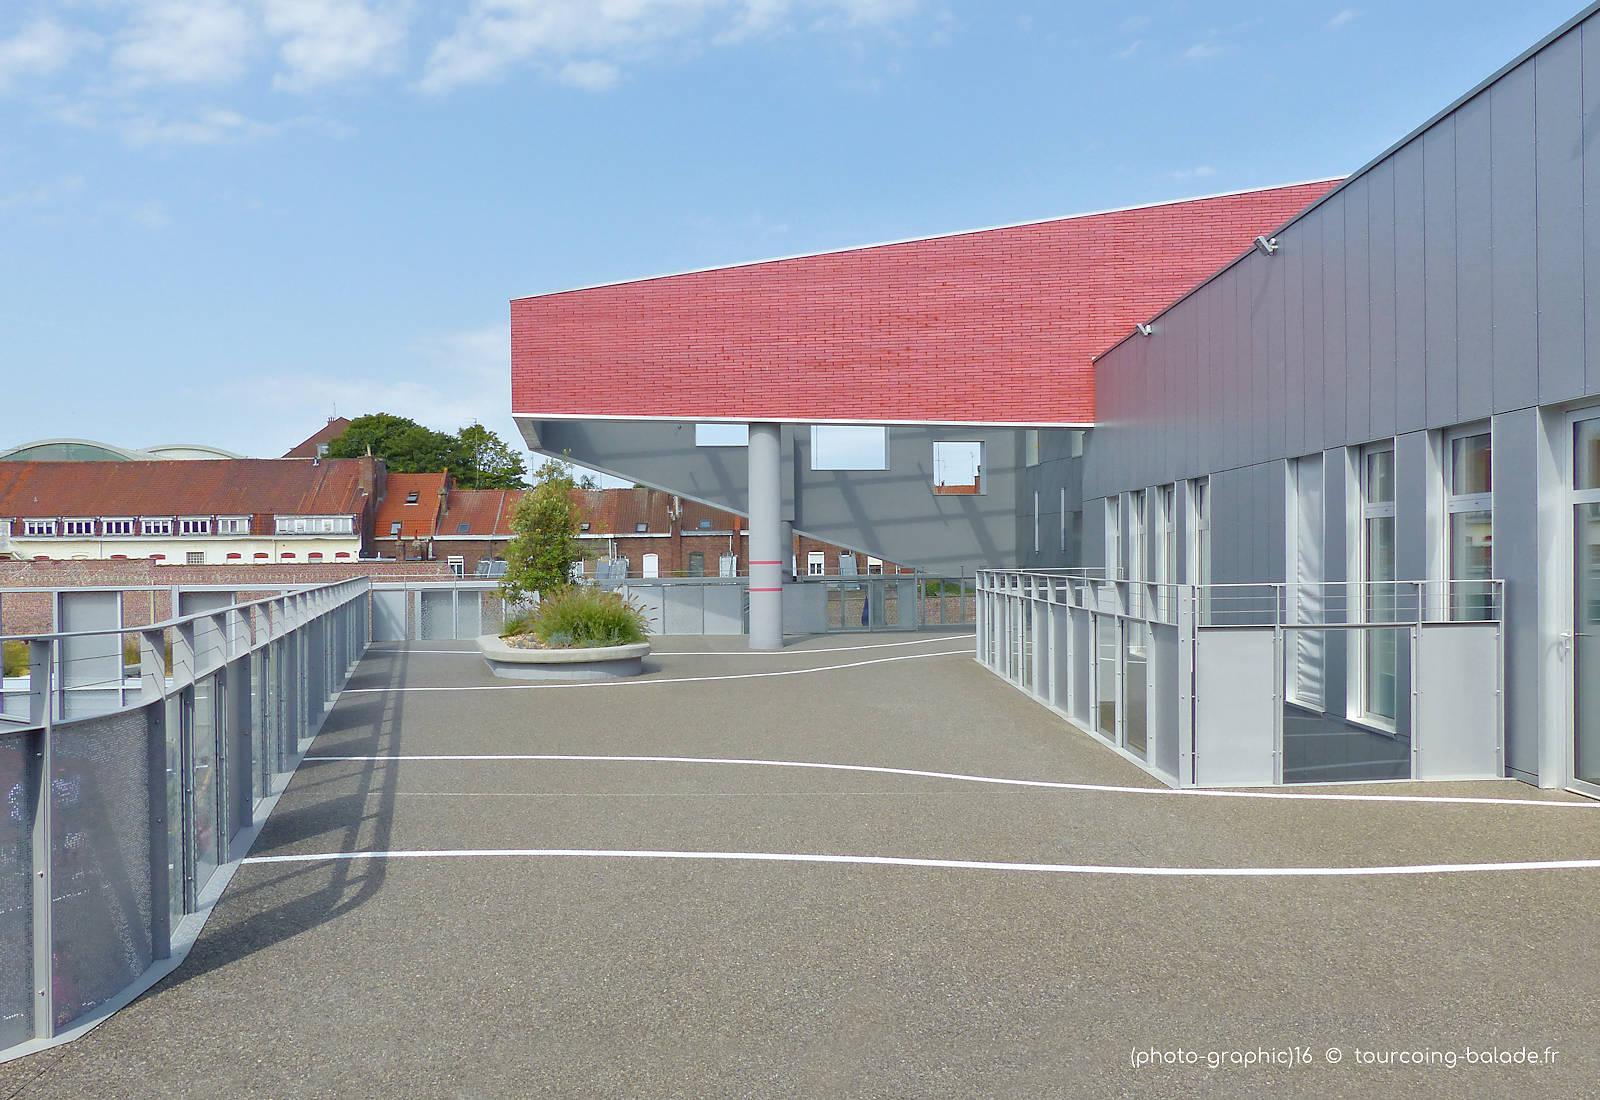 École Charles de Gaulle, Tourcoing - Cour de Récréation